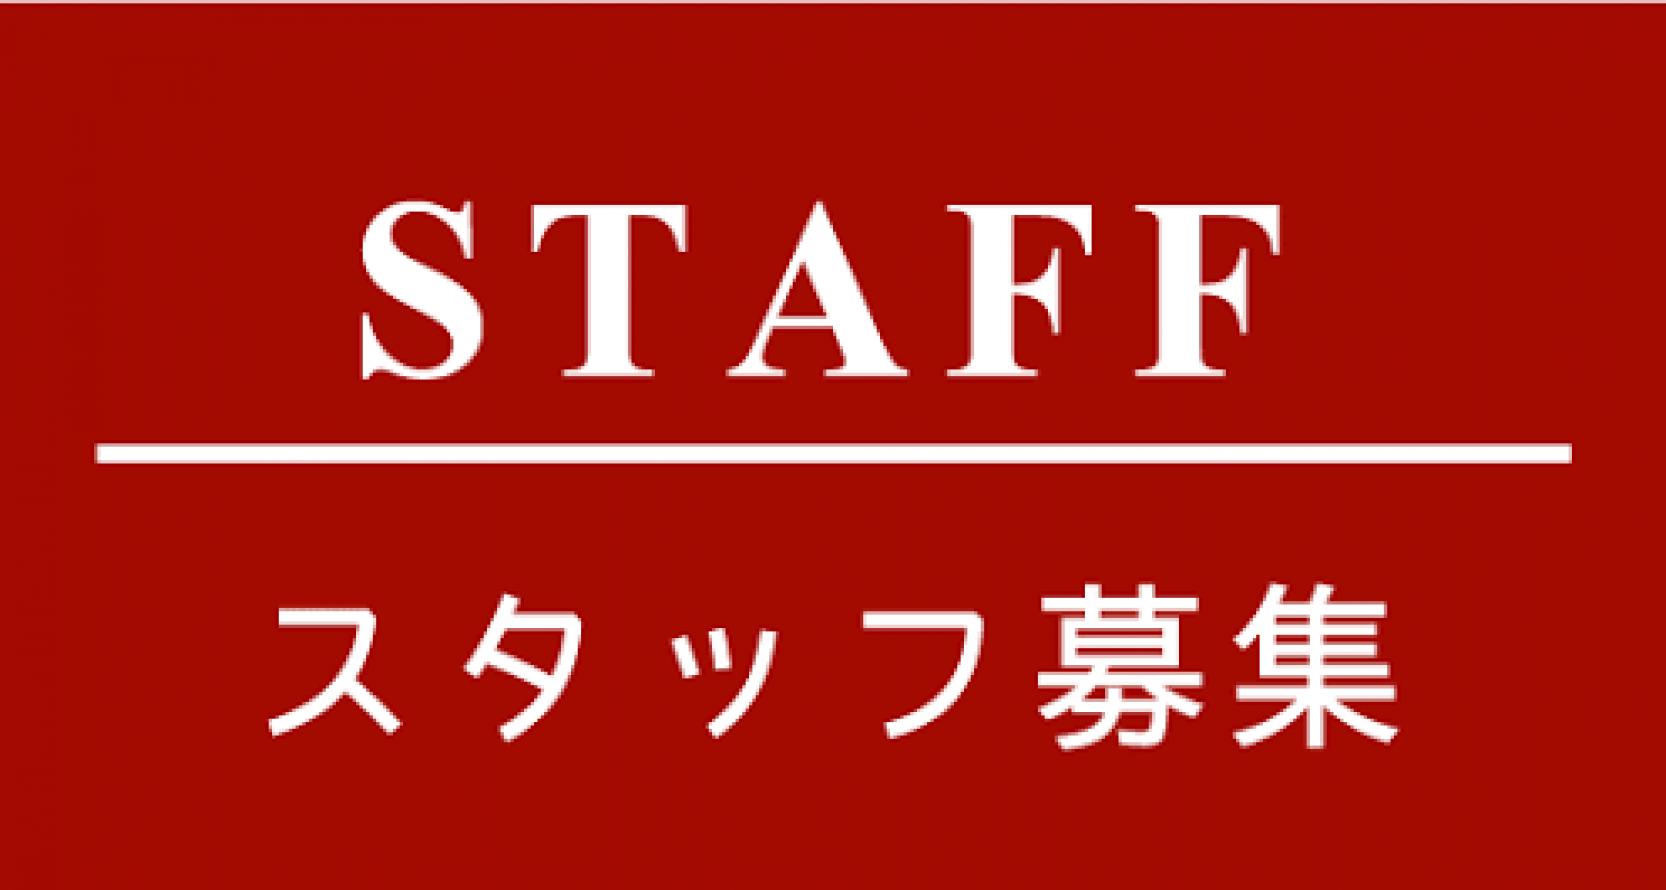 【急募】調査スタッフ募集アイキャッチ画像